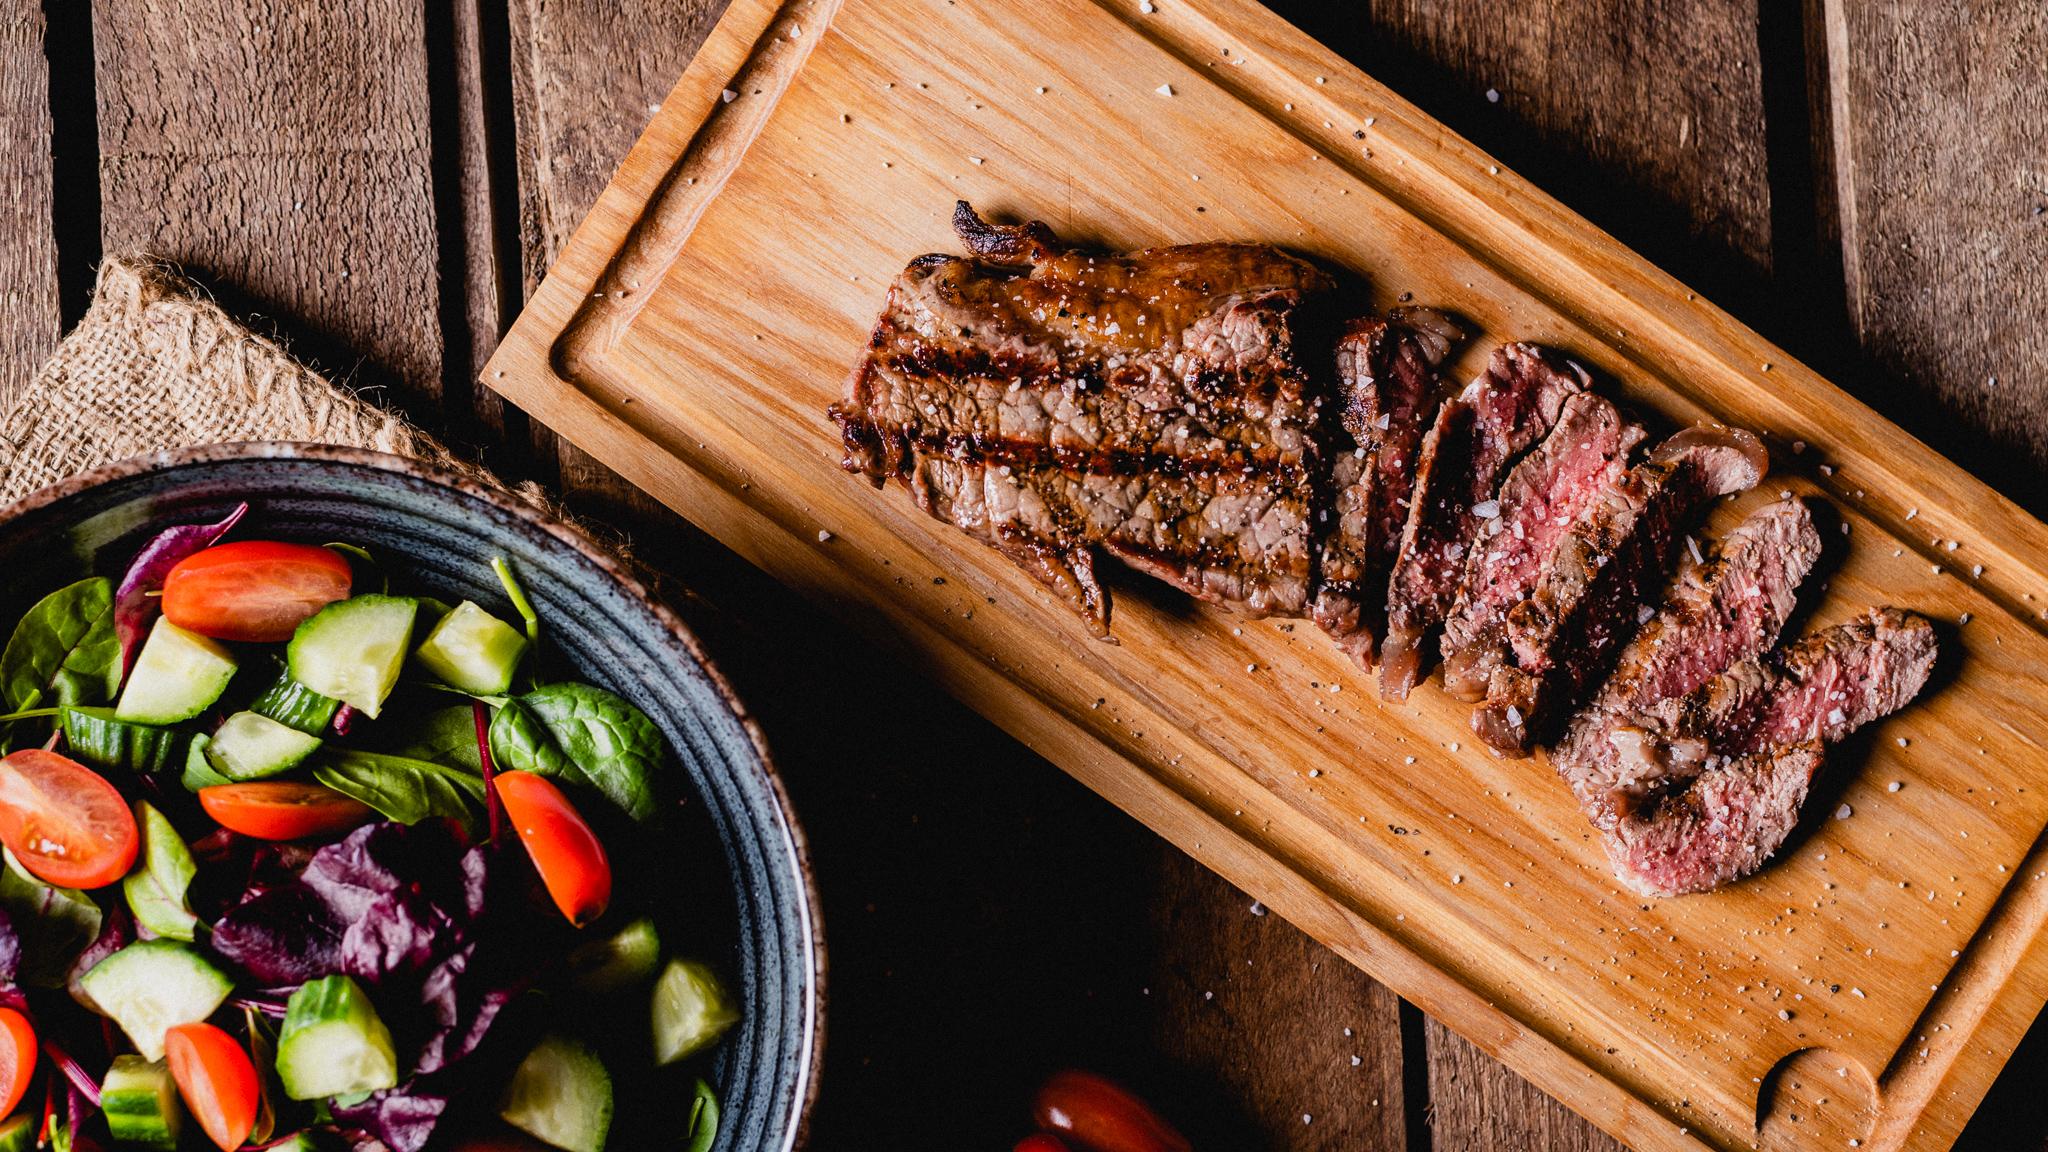 Steak salaten med en grillet sirloin steak på ca. 180 gram, lagt over sprød salat med tomater, hjemmebagte croutoner, agurker, valnødder, og soltørrede tomater.